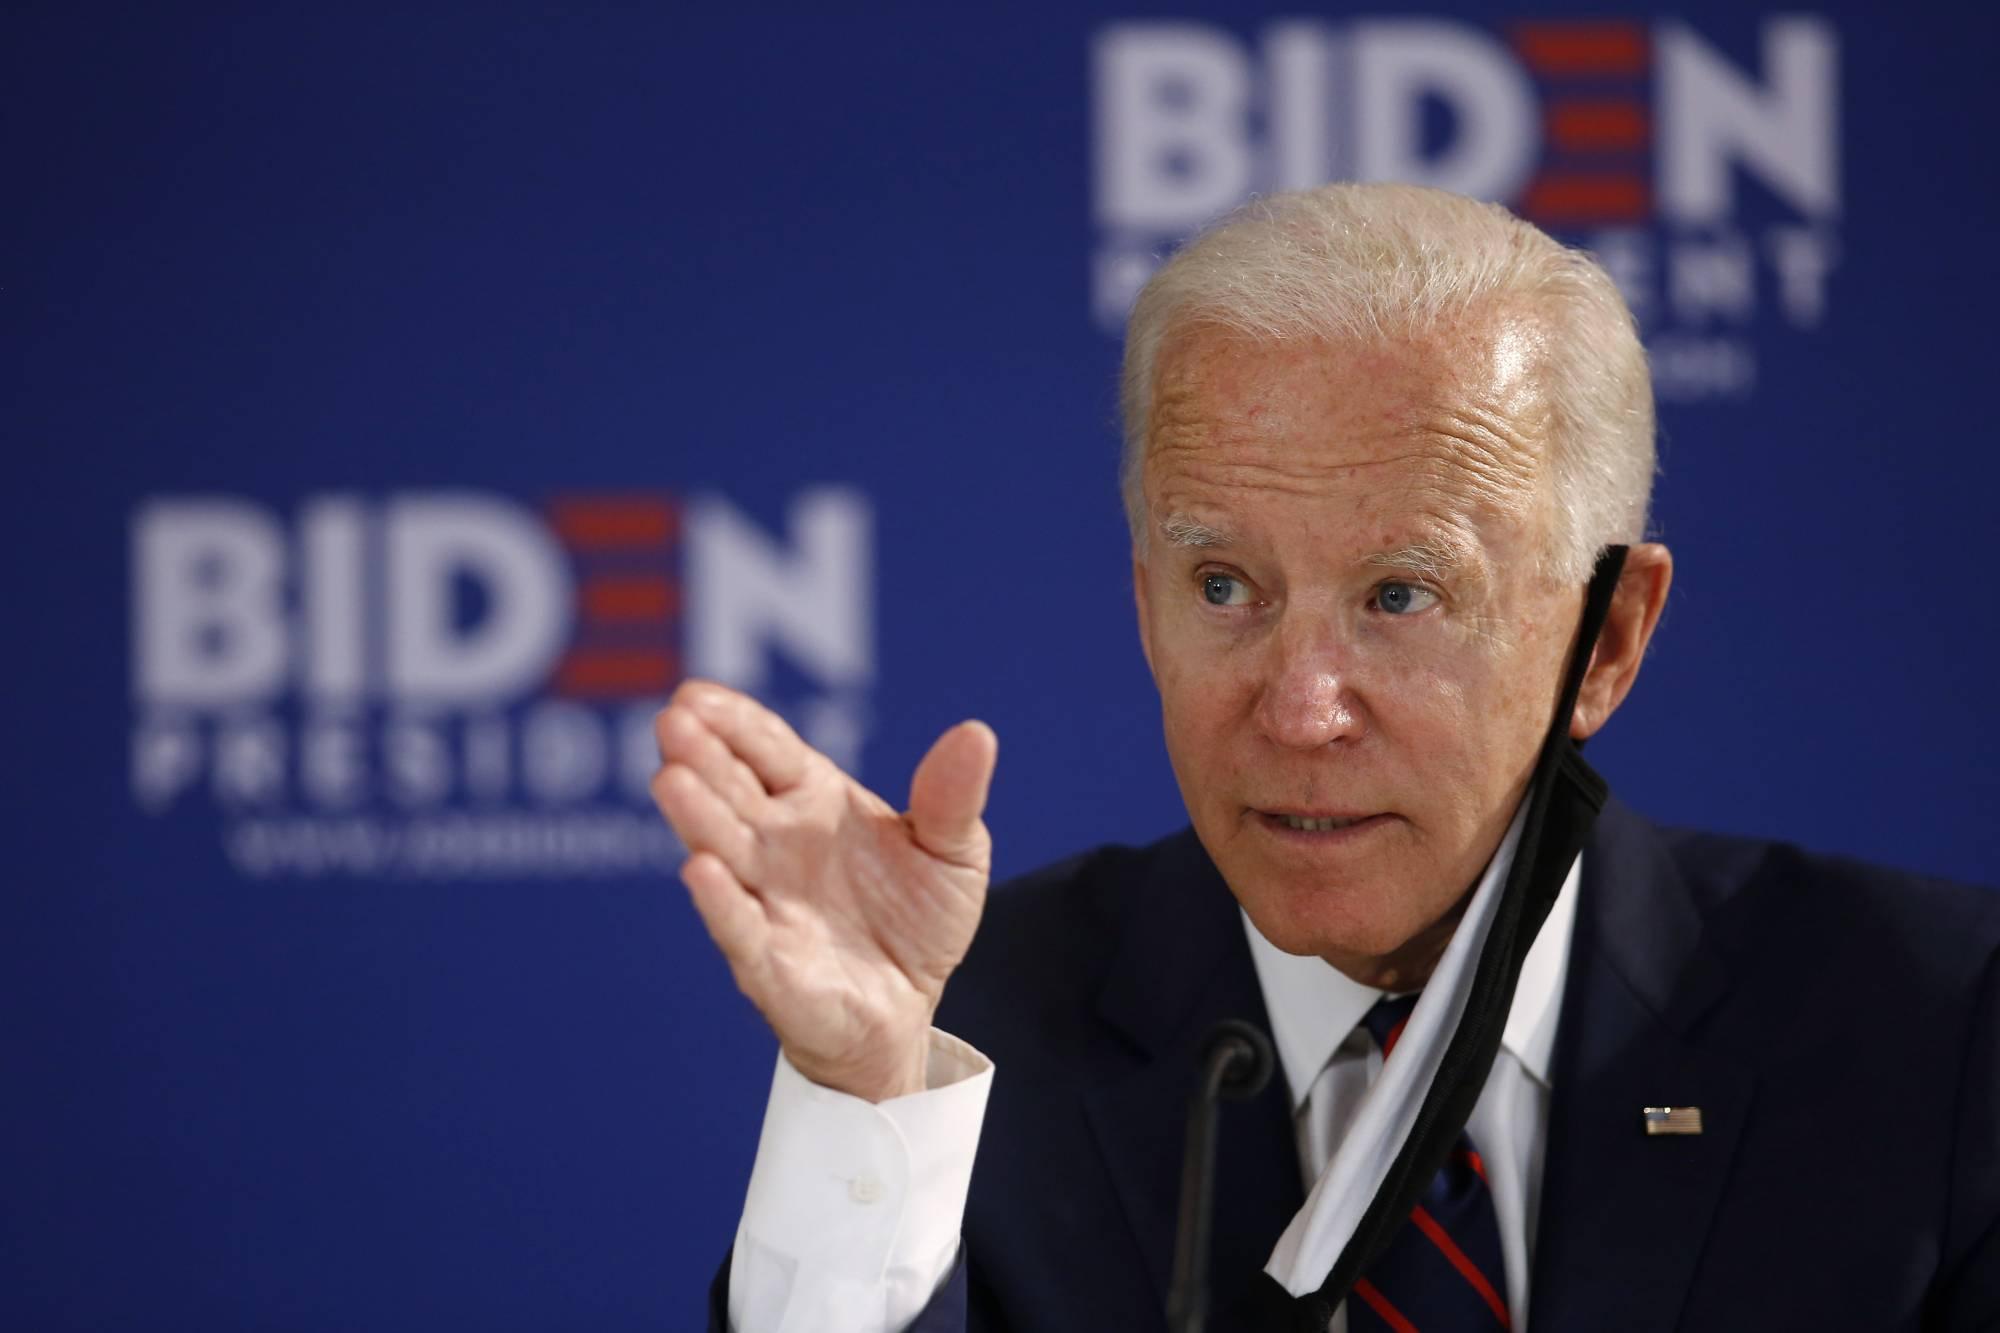 Председнички кандидат Демократске странке Џозеф Бајден током једног скупа са својим присталицама (Фото: AP Photo/Matt Slocum)